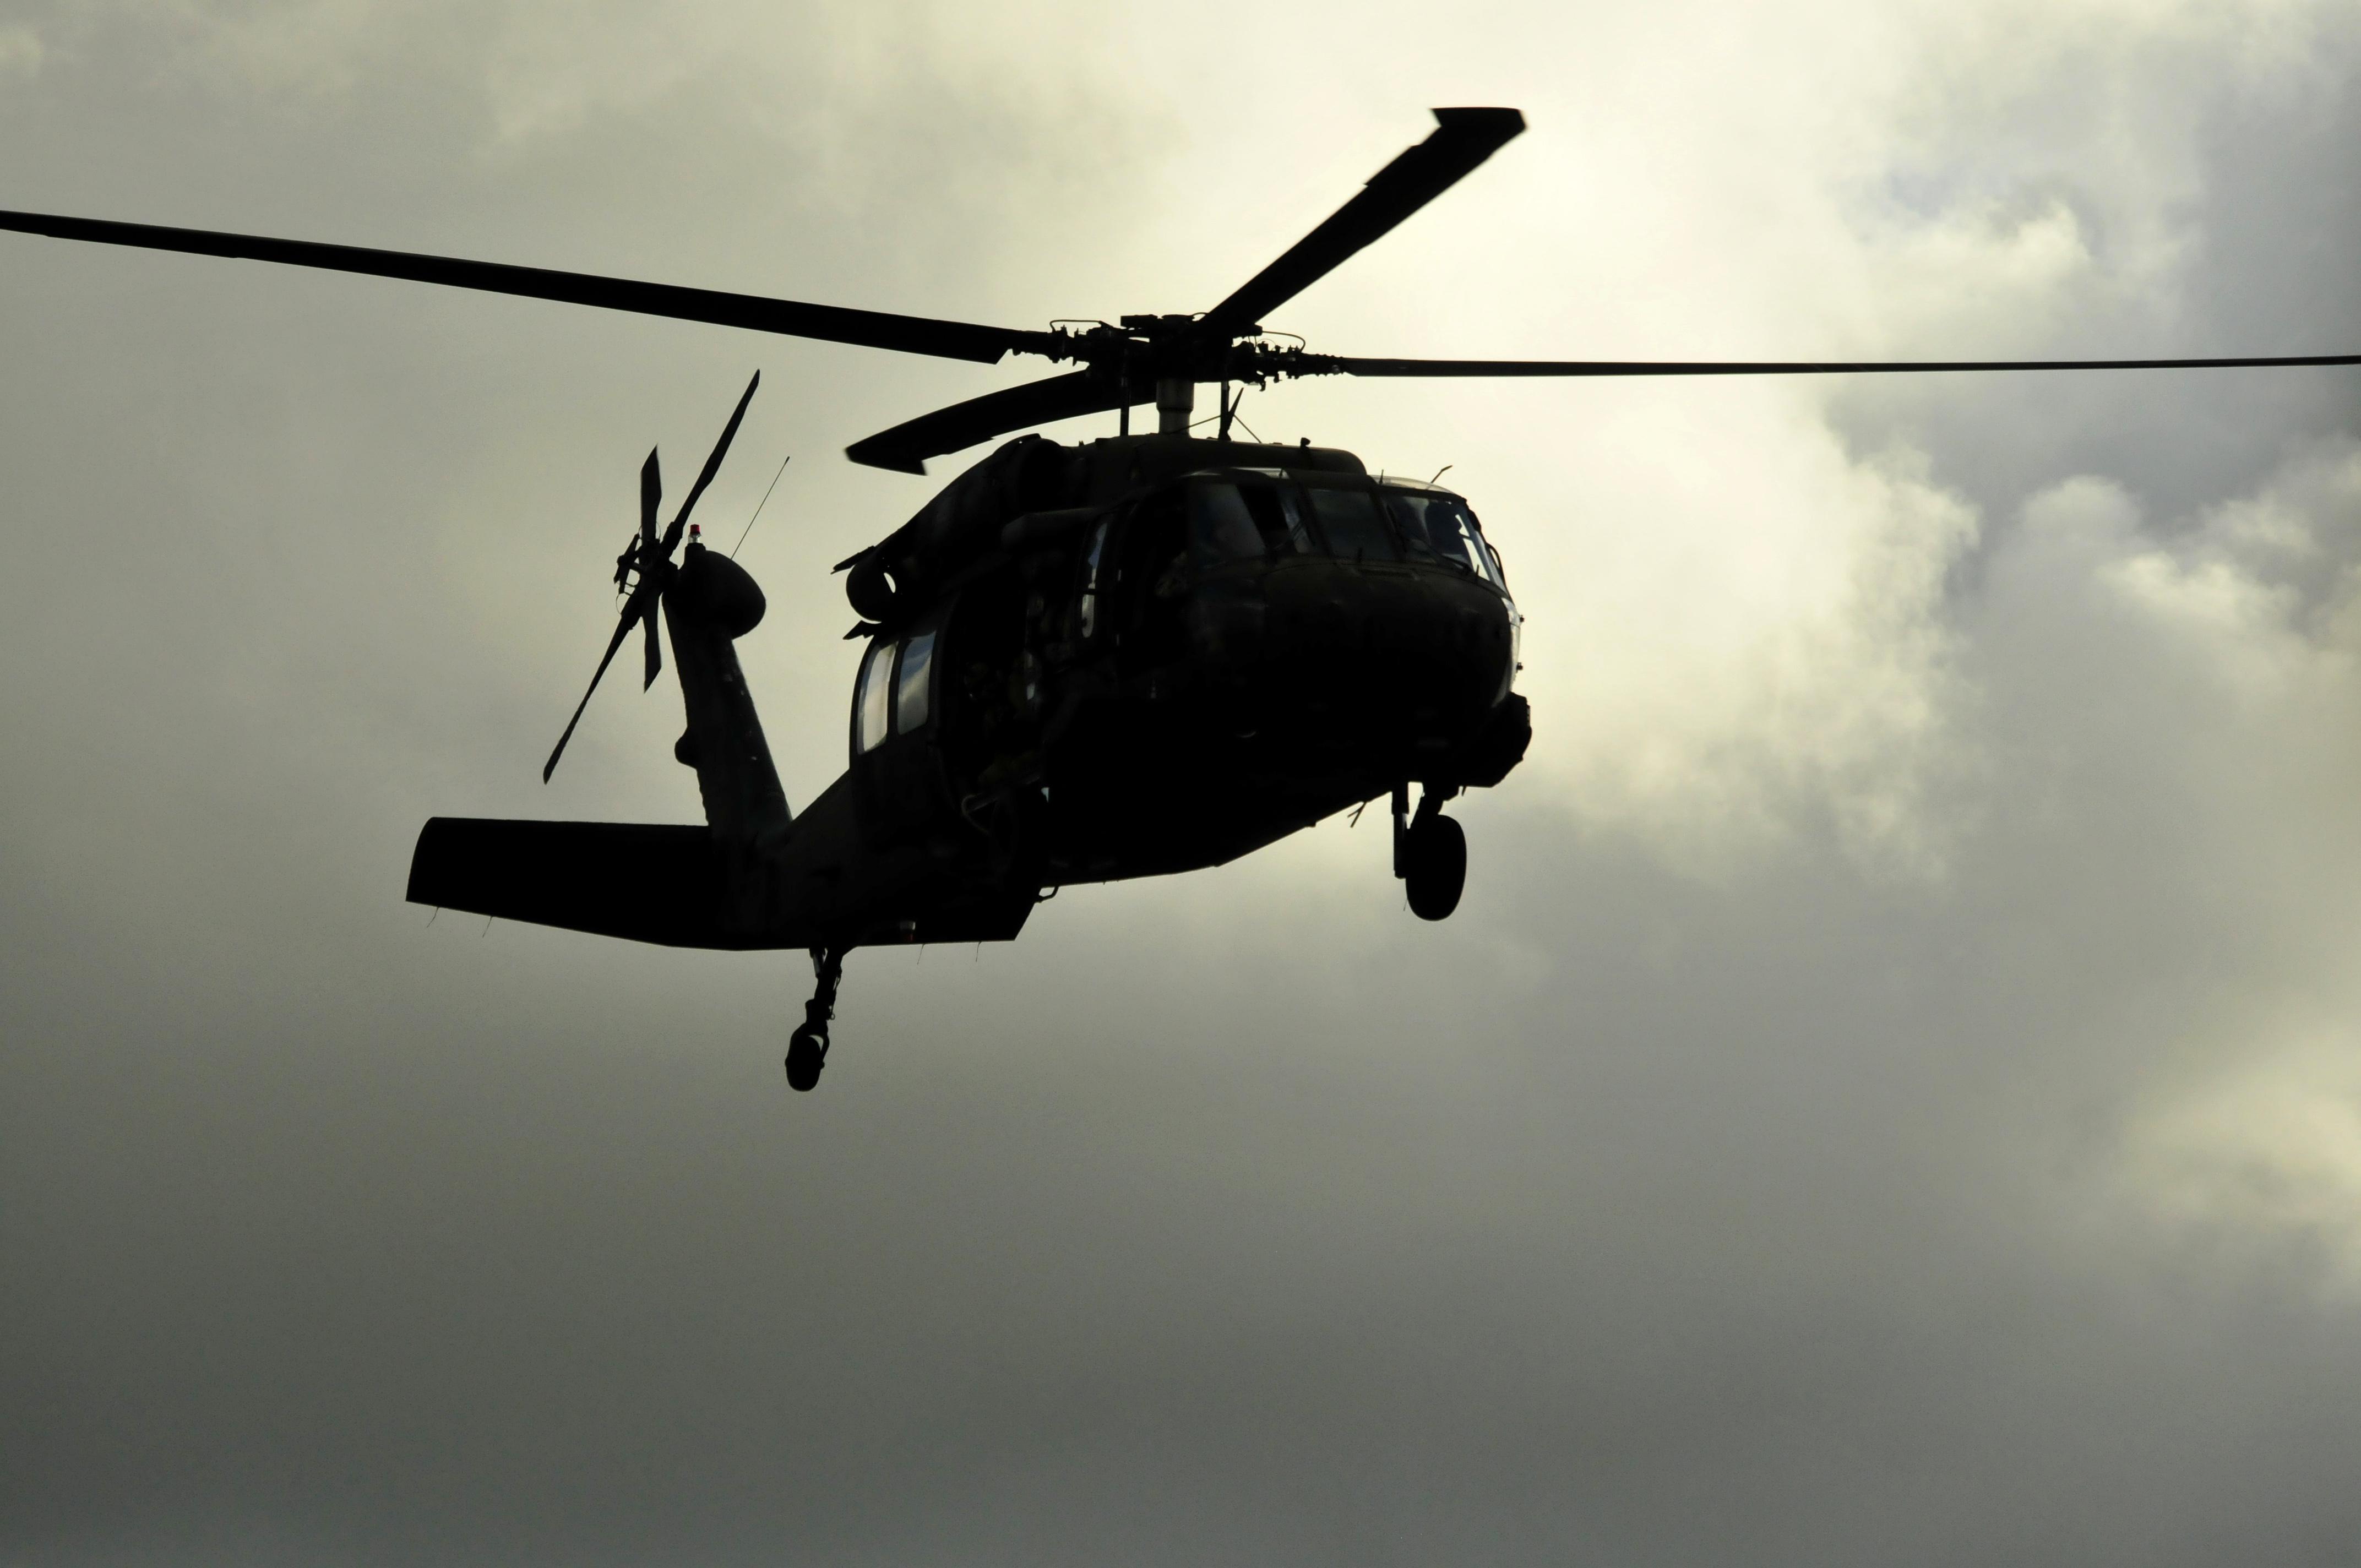 Helicóptero carregado de haxixe cai na Espanha